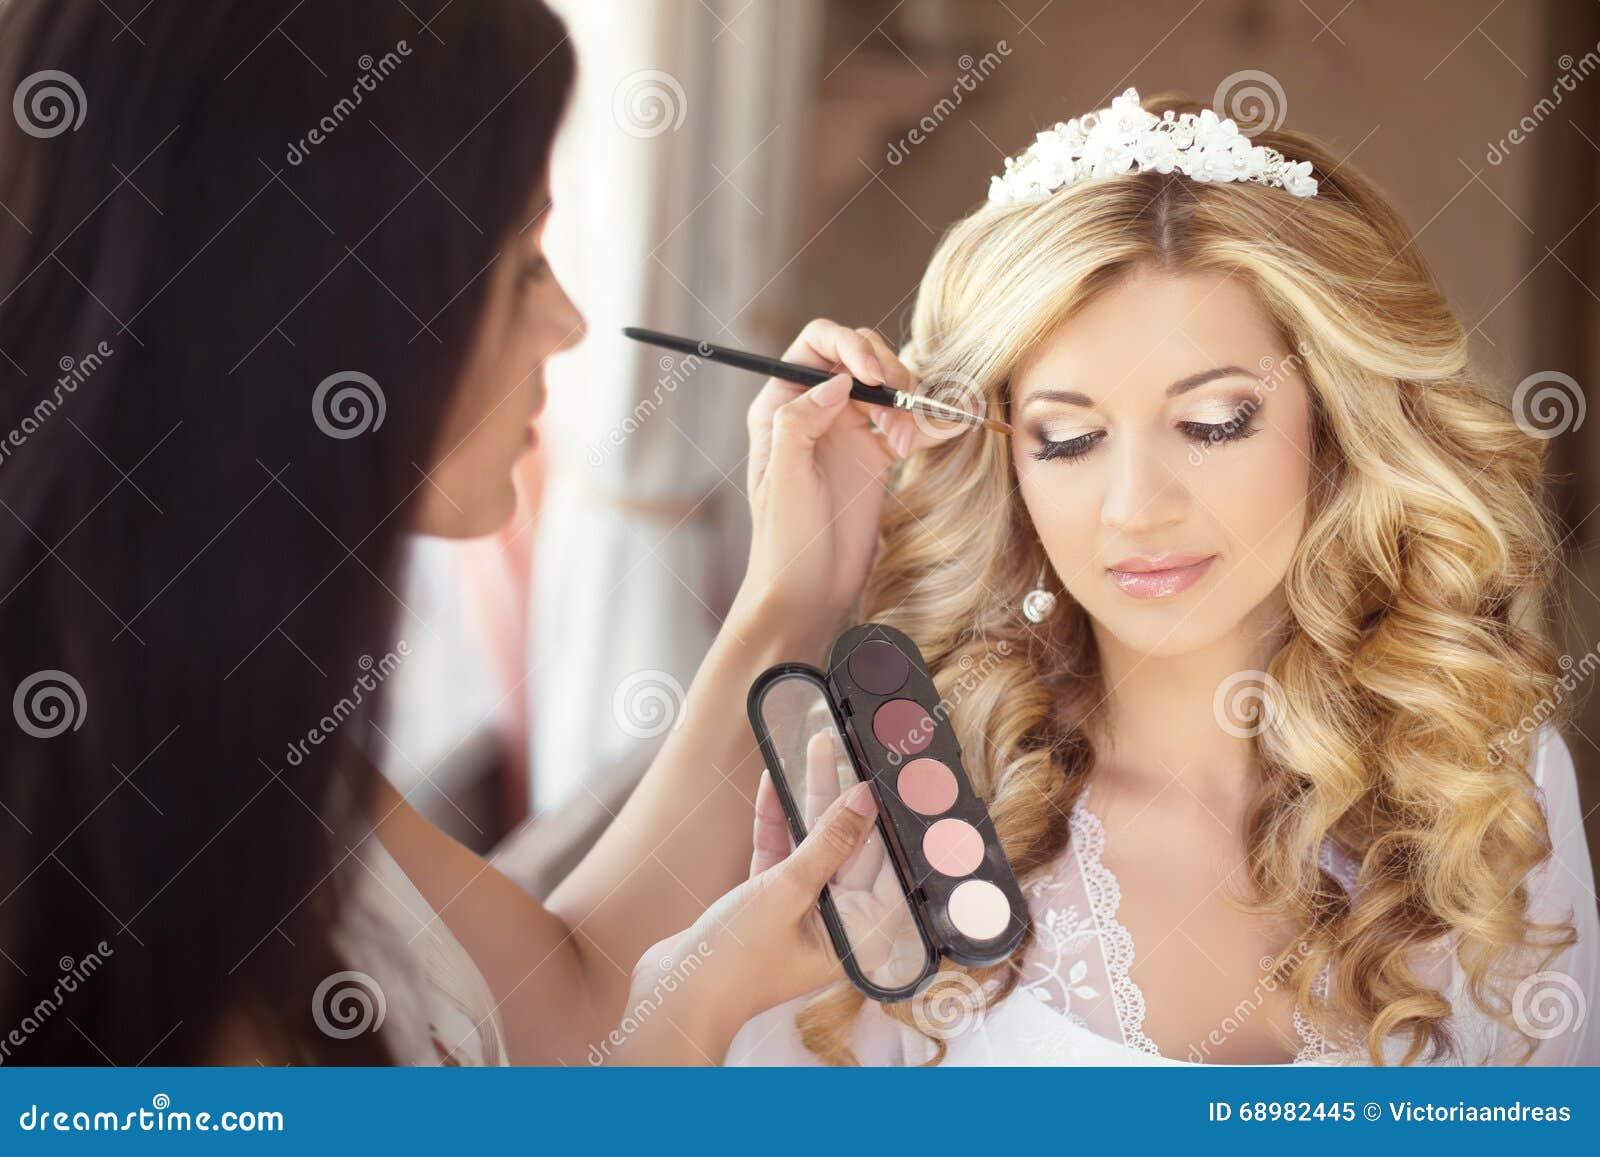 Boda hermosa de la novia con maquillaje y el peinado rizado estilista